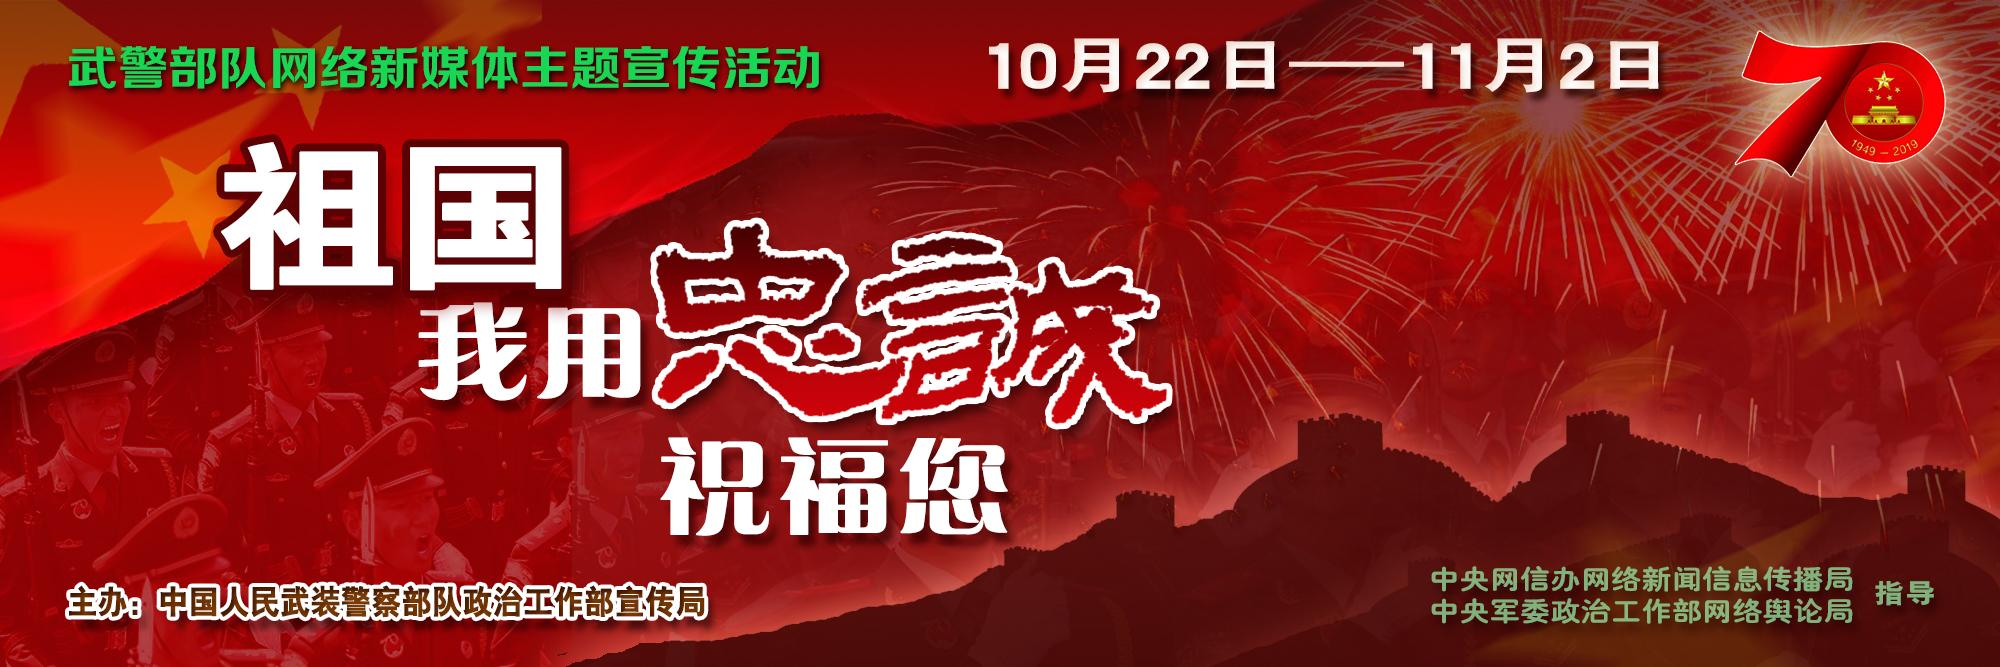 记者手记:黄冈红色之旅 传承红色精神